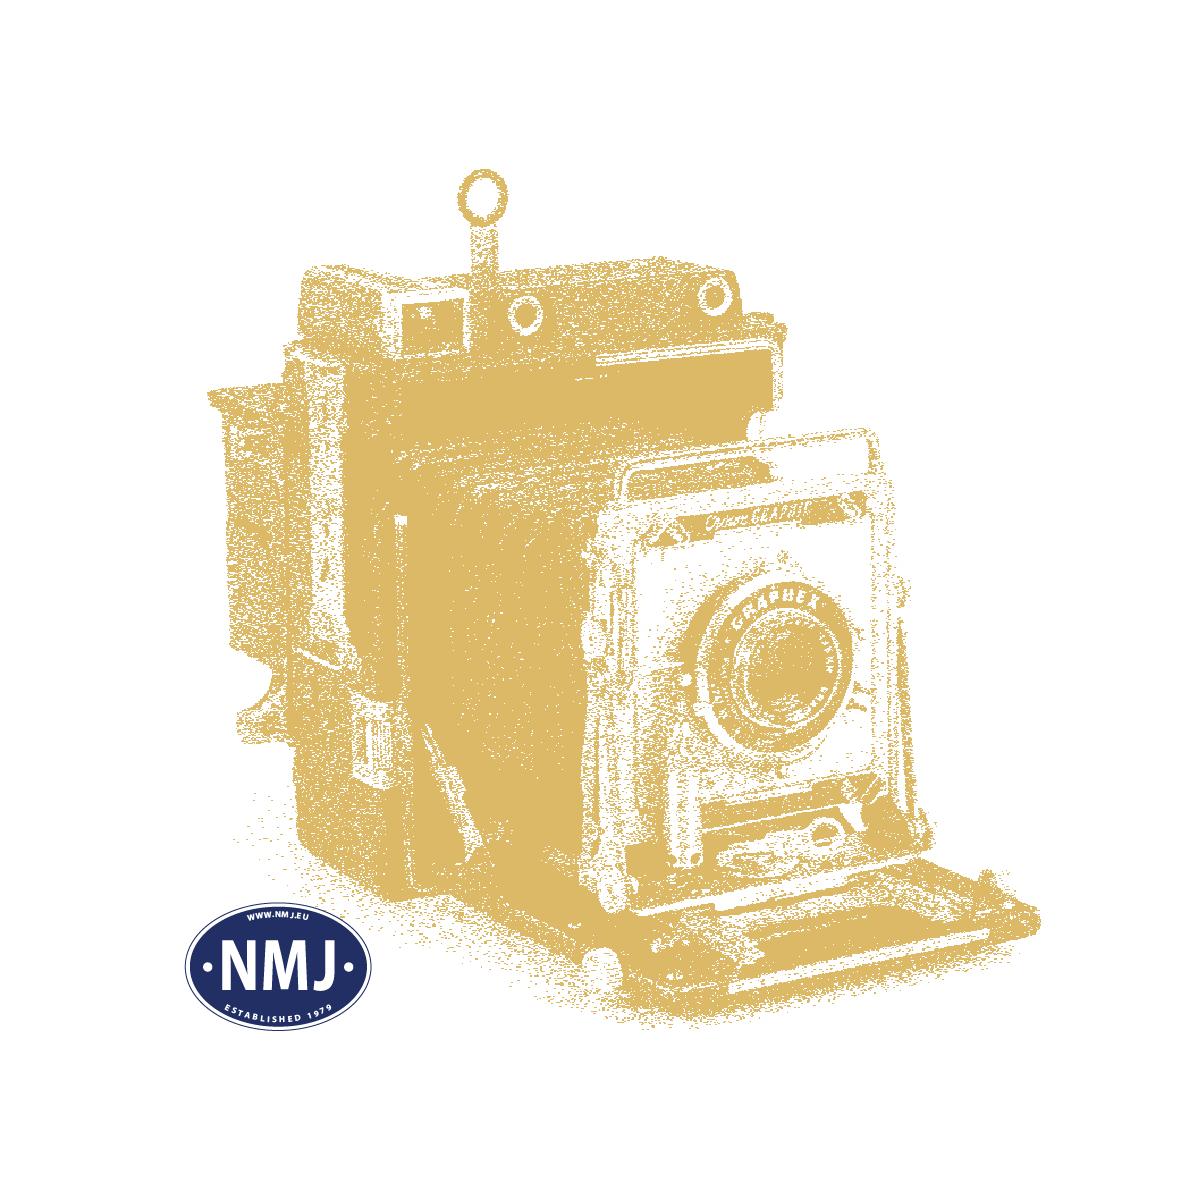 NMJT132.201 - NMJ Topline NSB B4 25951, Rot/ Silber